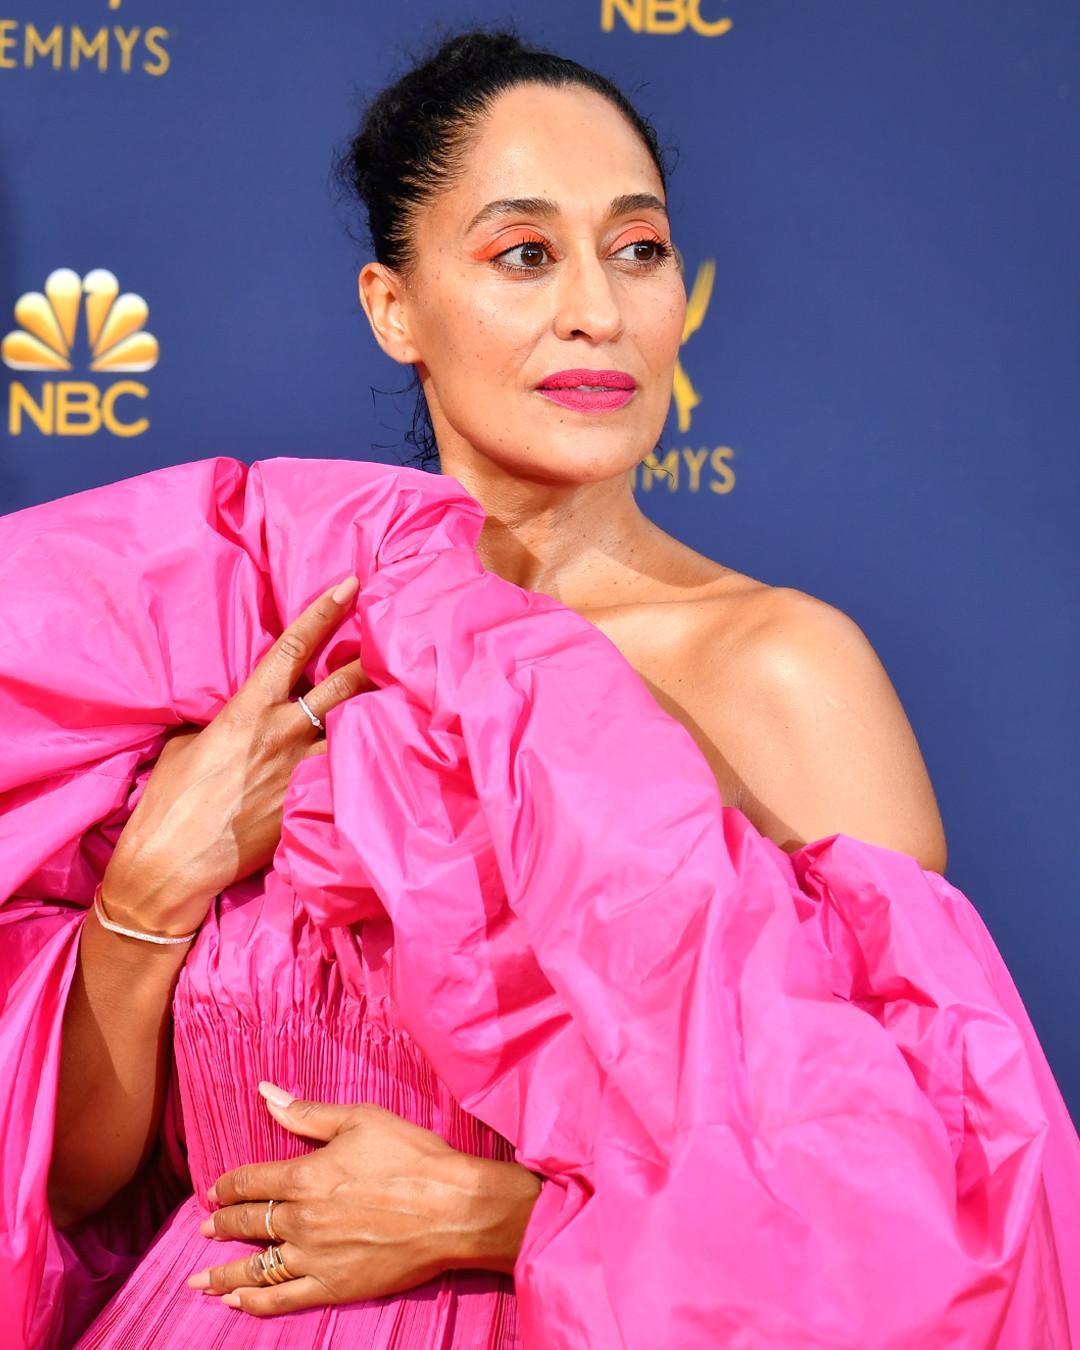 ESC: Emmy Awards 2018, Best Beauty, Tracee Ellis Ross